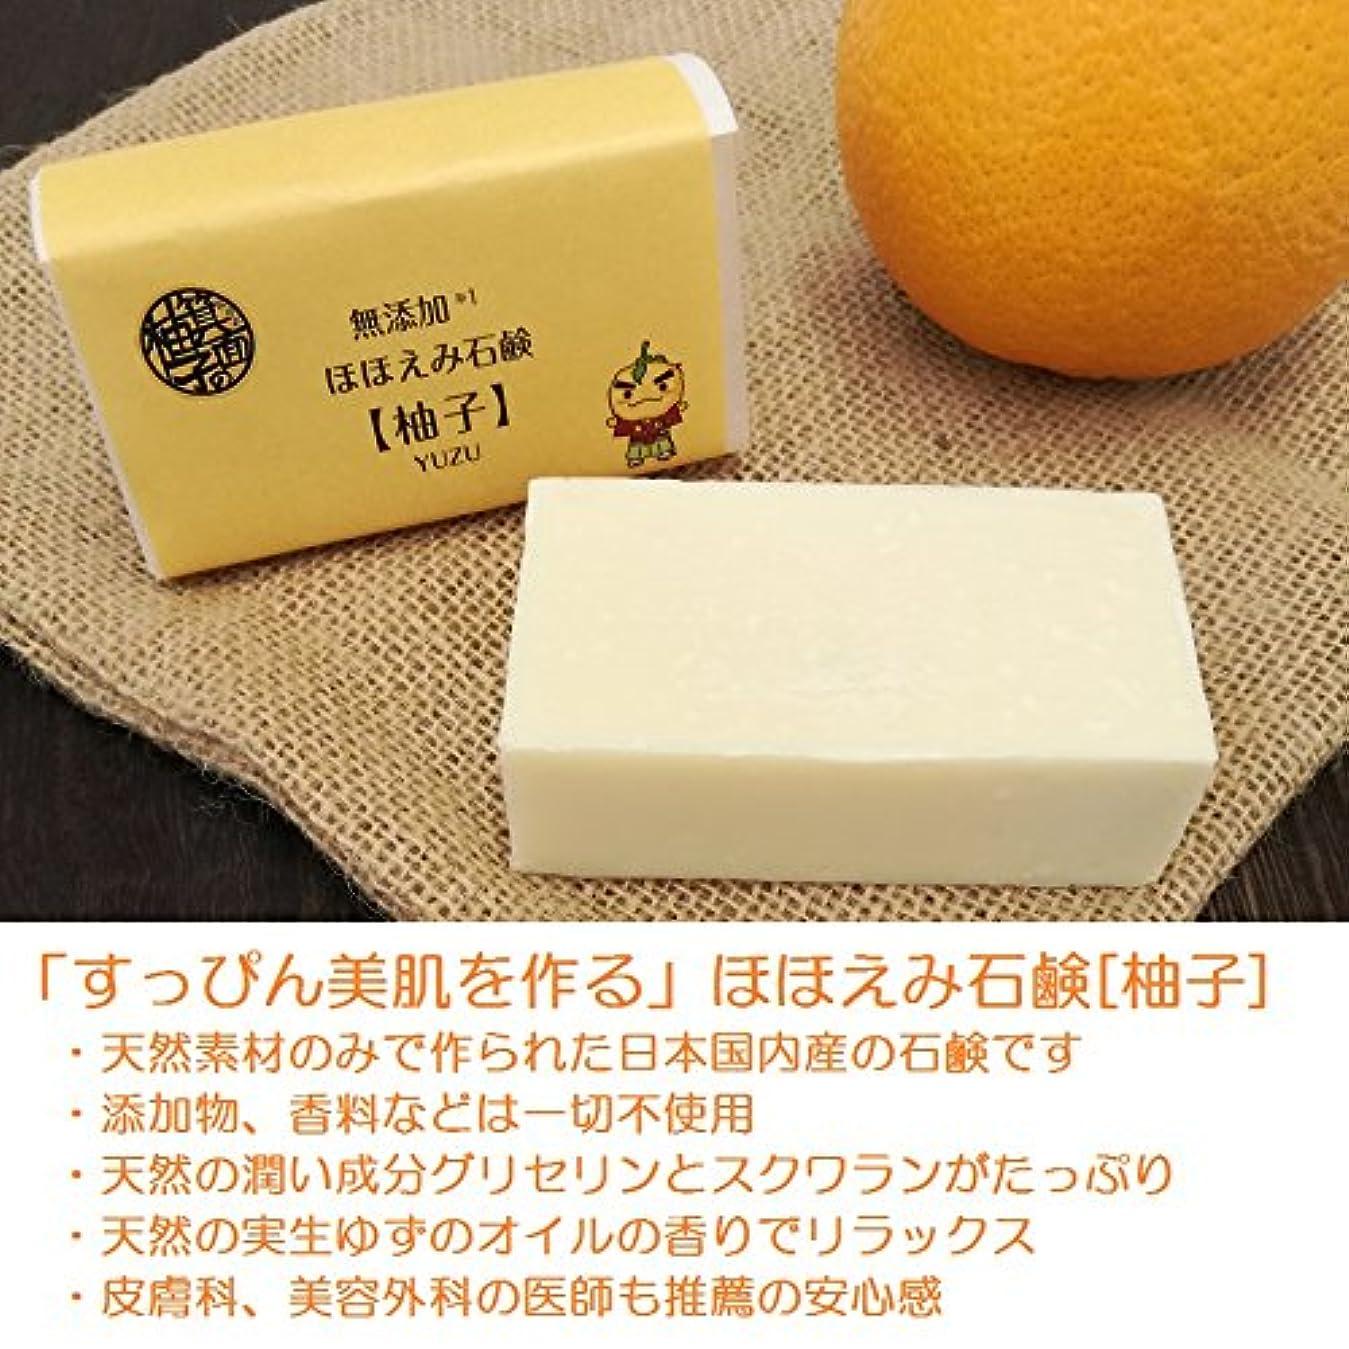 ストライドポルティコアンプすっぴん美肌を作る ほほえみ石鹸 柚子 オリーブオイル 無添加 オーガニック 日本製 80g